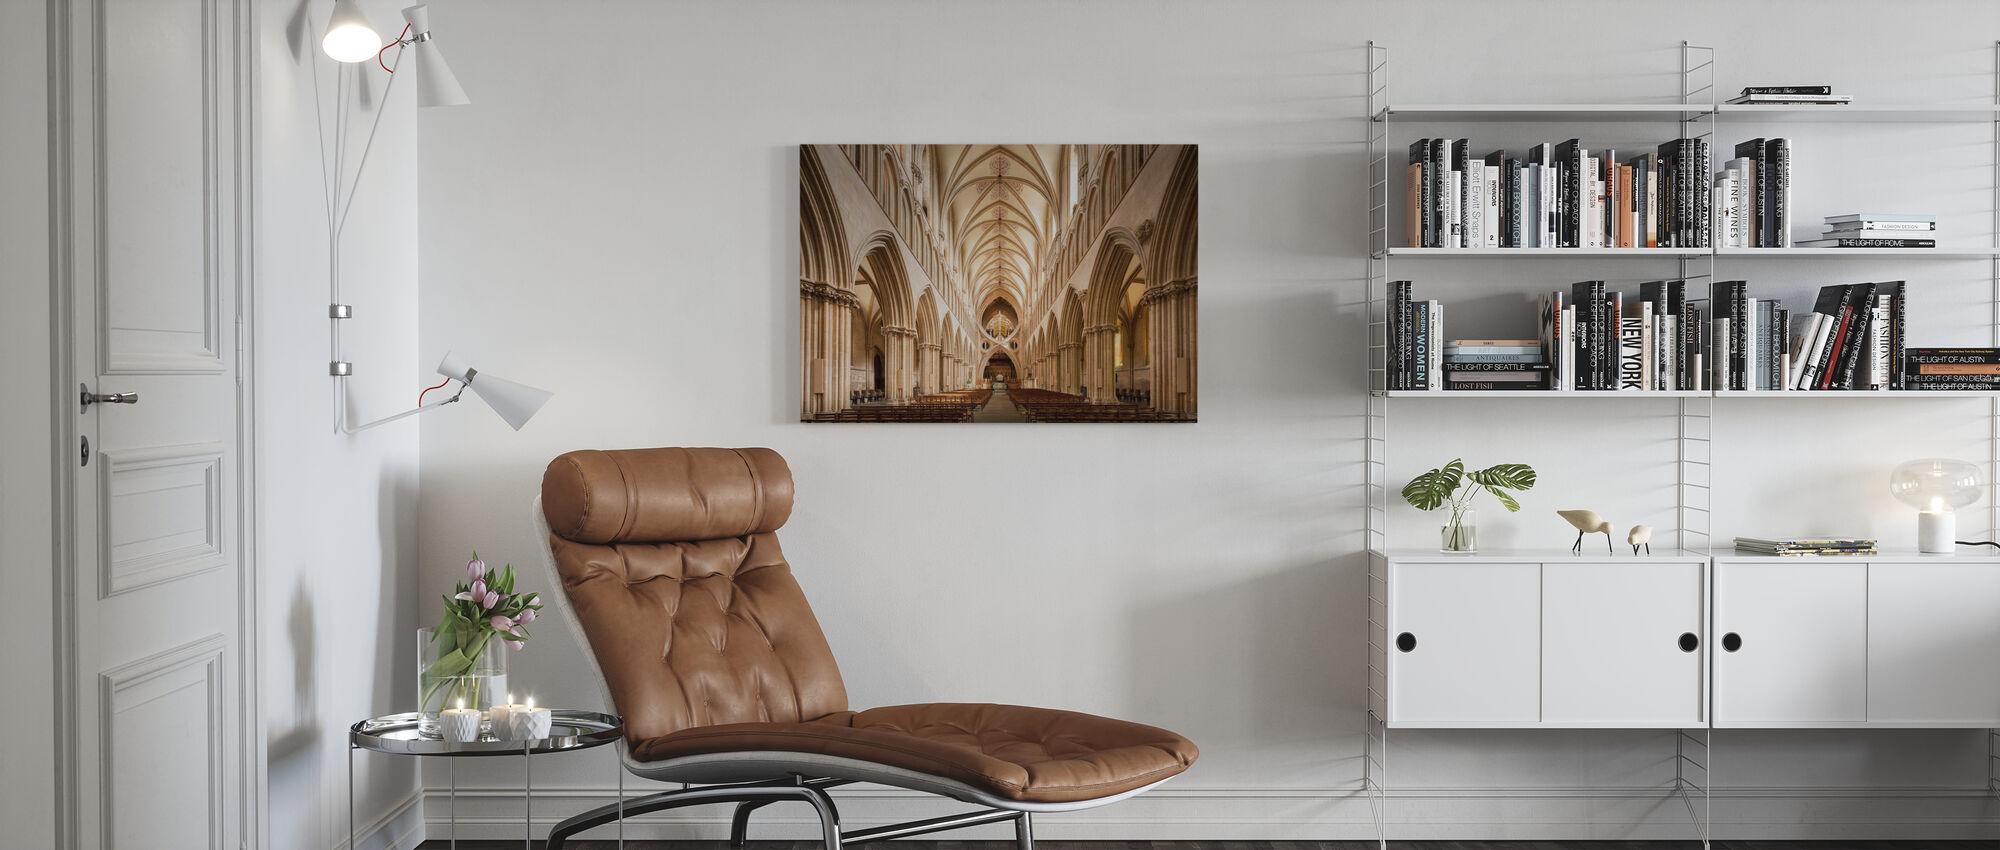 Wells katedral - Lerretsbilde - Stue